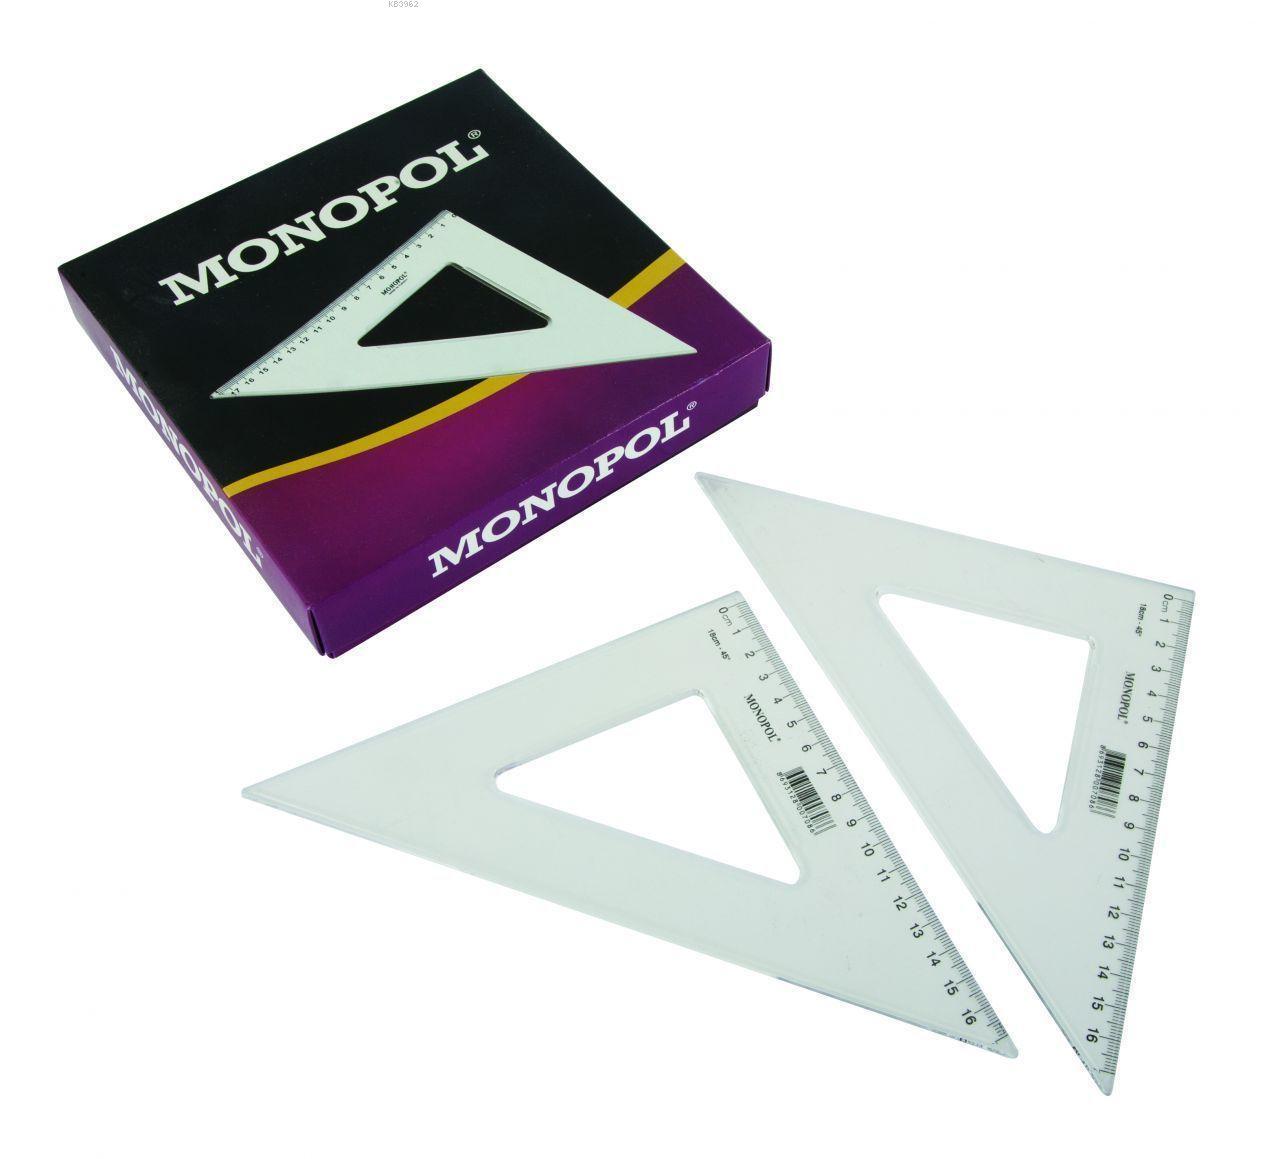 Monopol Gönye 18-45 Kod:1609